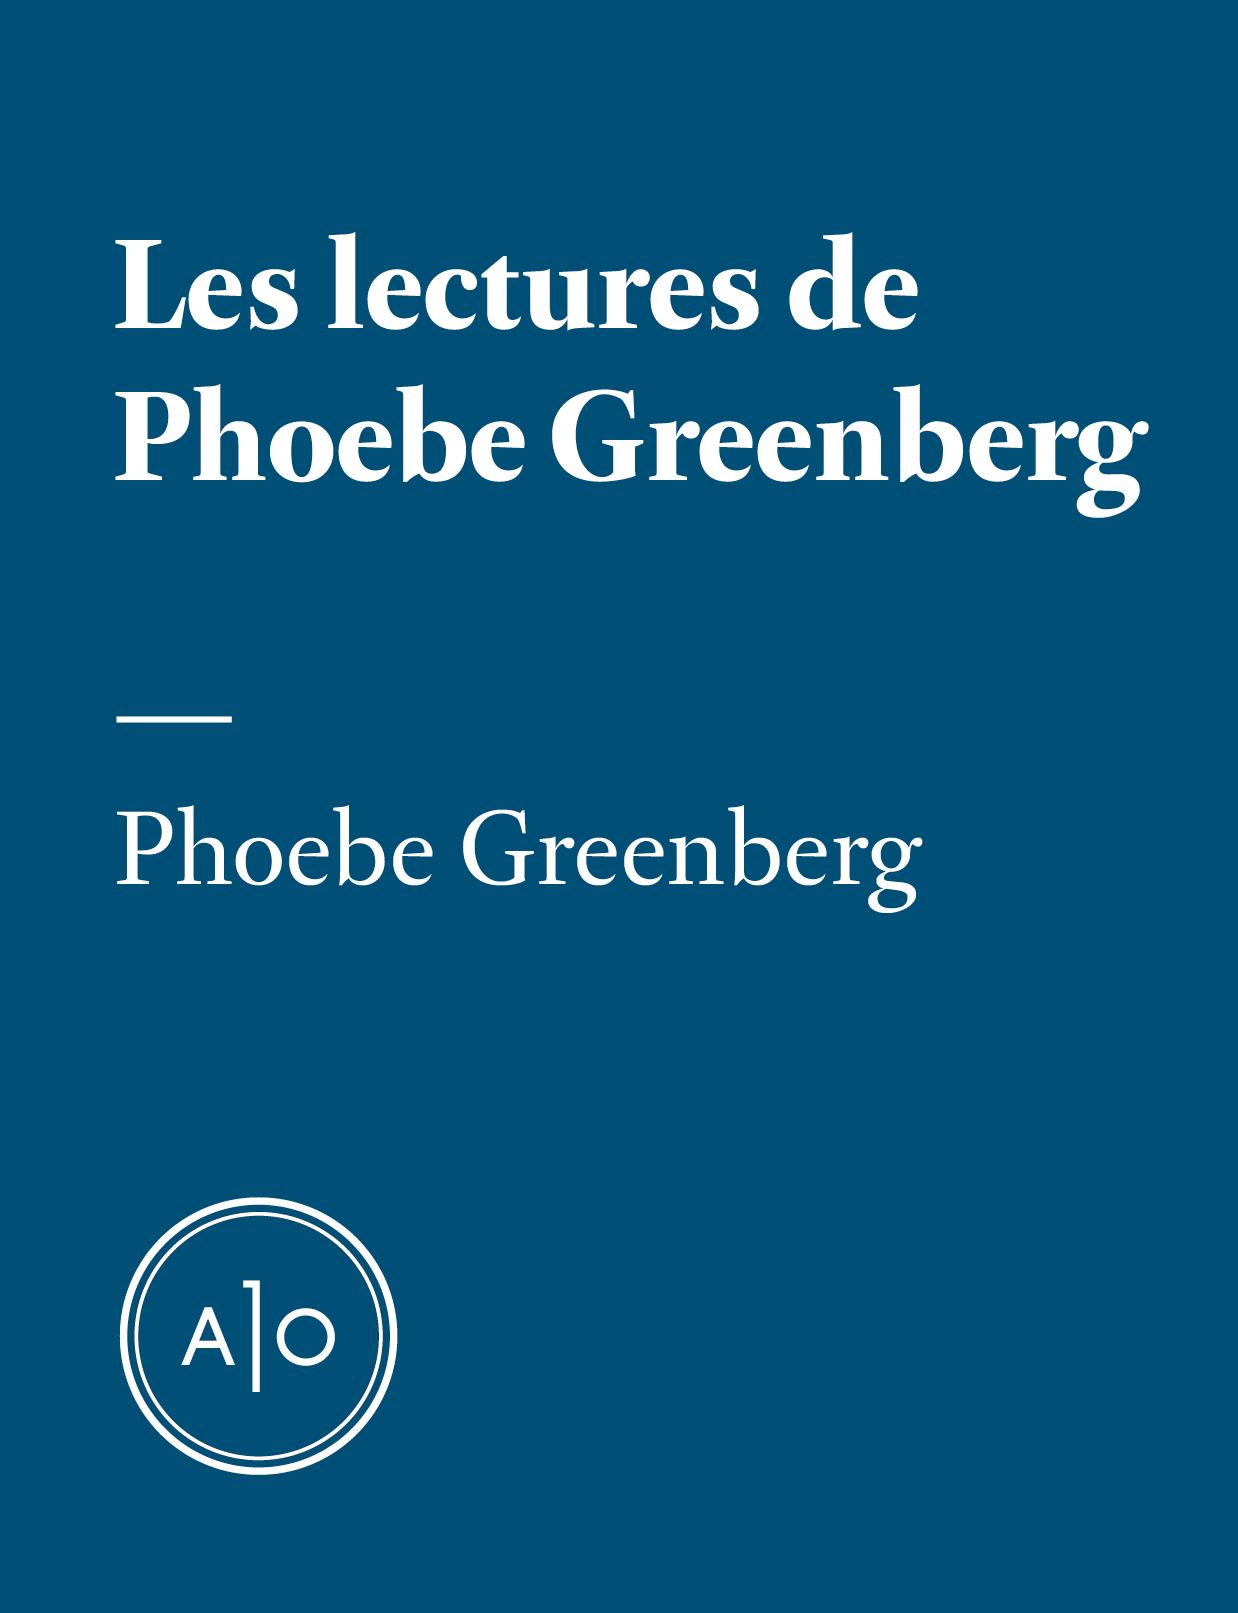 Les lectures de Phoebe Greenberg